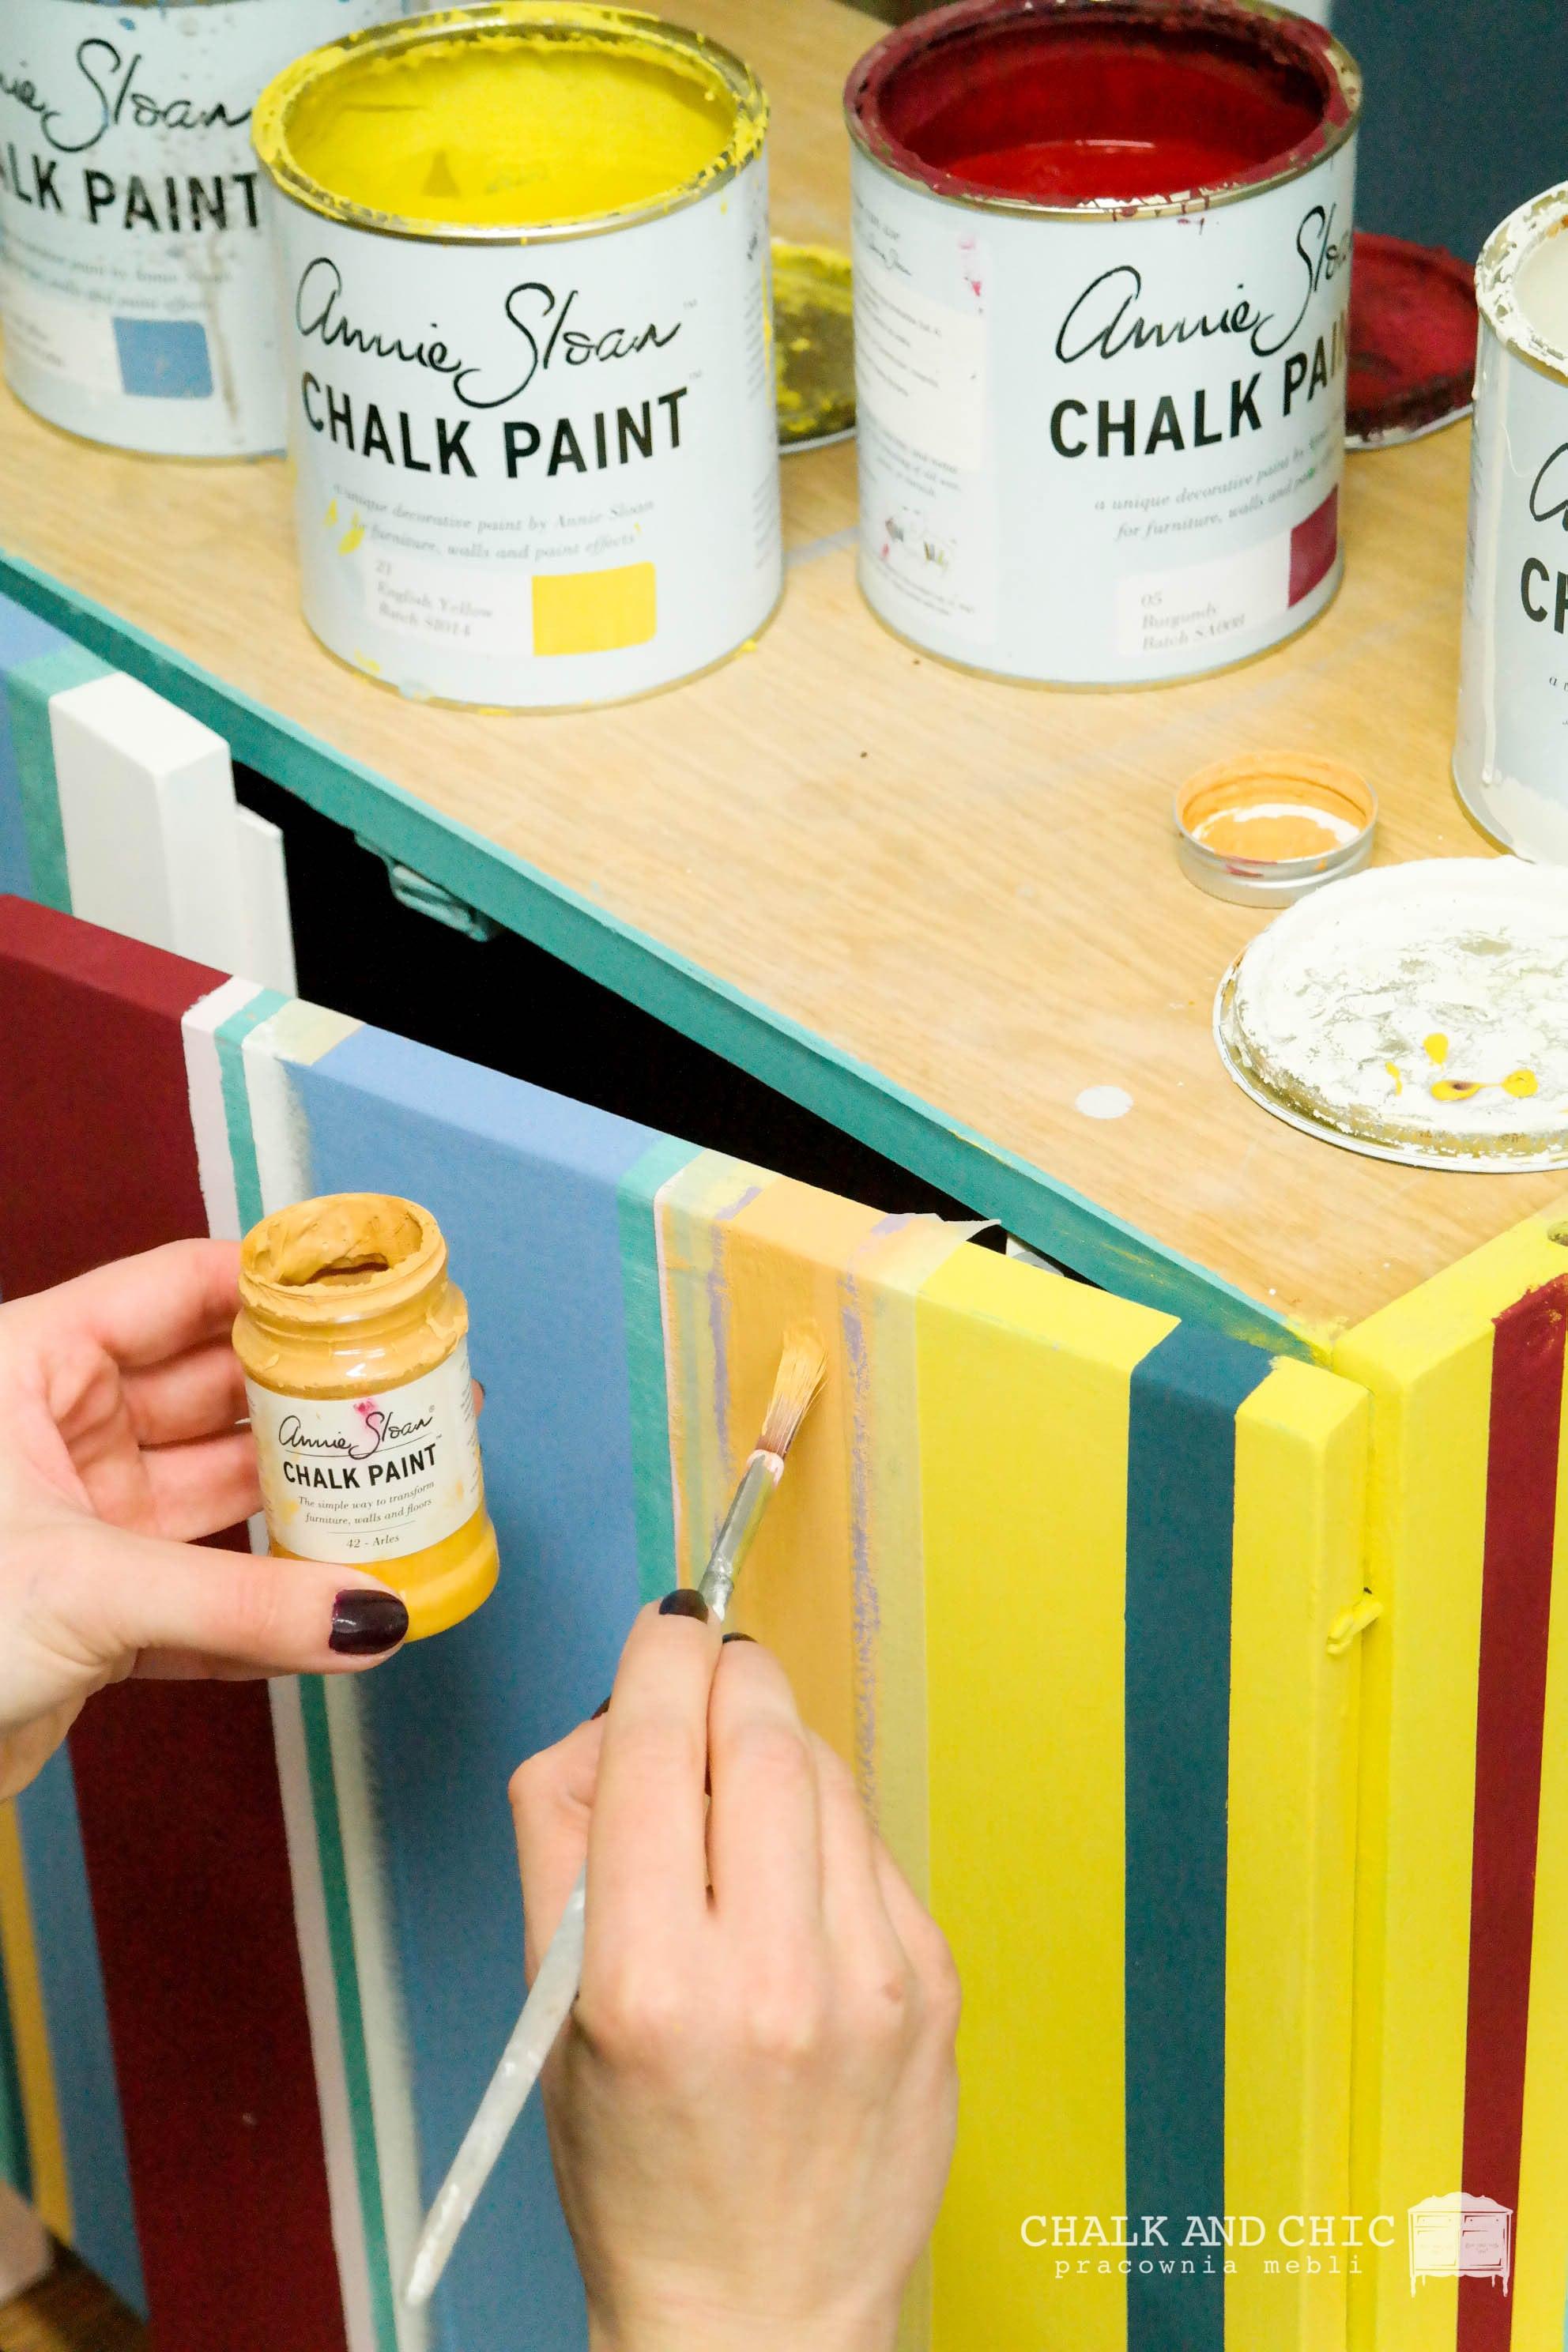 malowanie farbami kredowymi Annie Sloan Chalk Paint